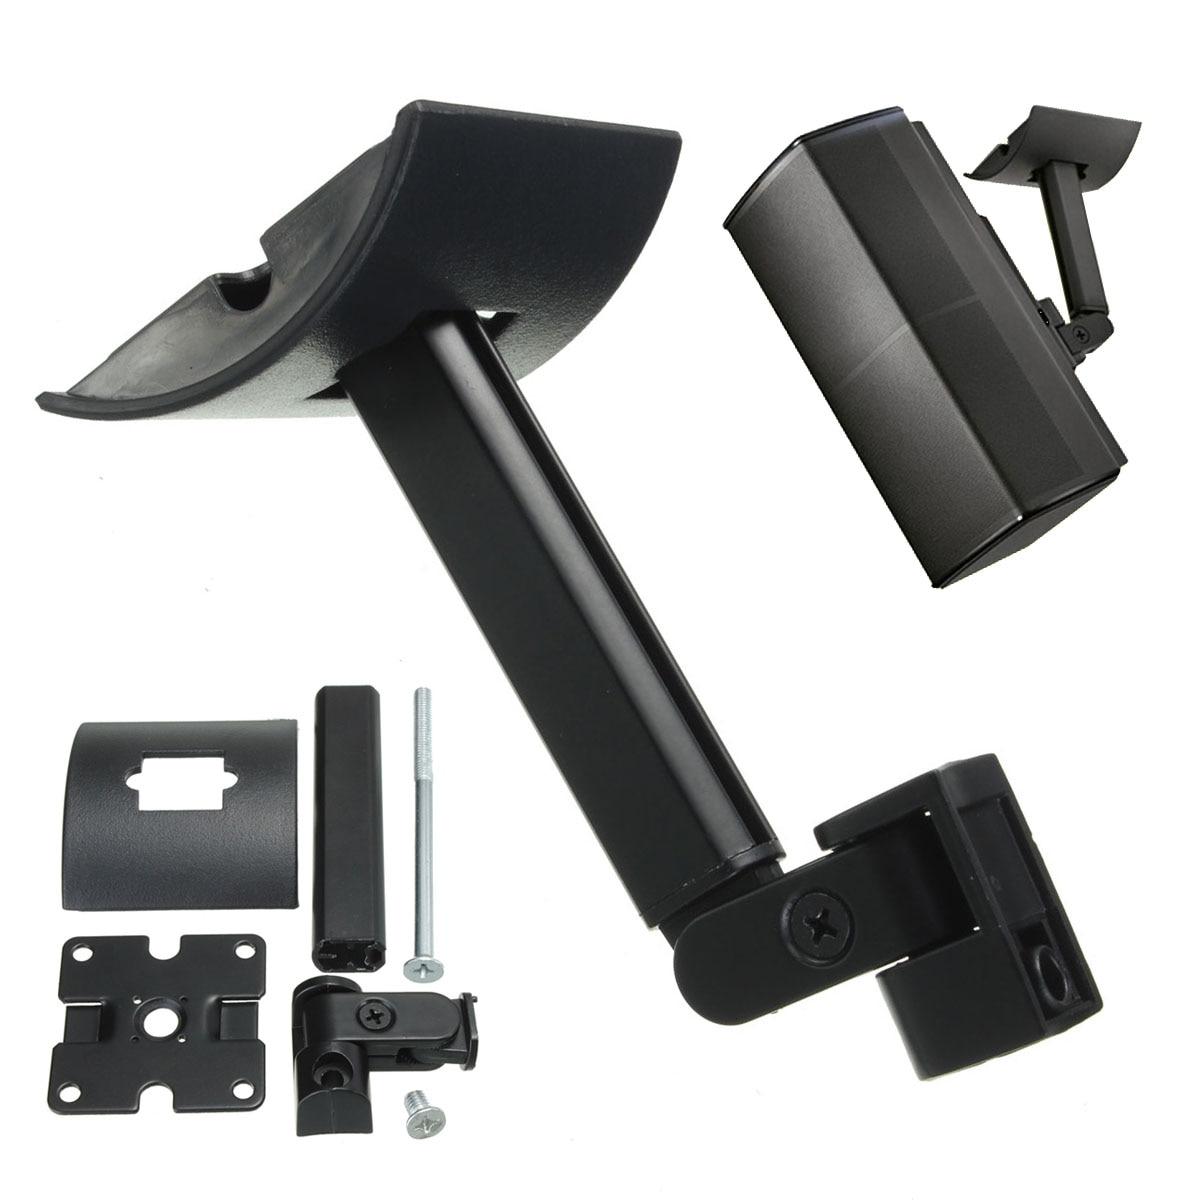 LEORY Black/ White Metal Wall Mount Bracket Speaker Holder For BOSE UB20l Speaker Wall Ceiling Speaker Strand